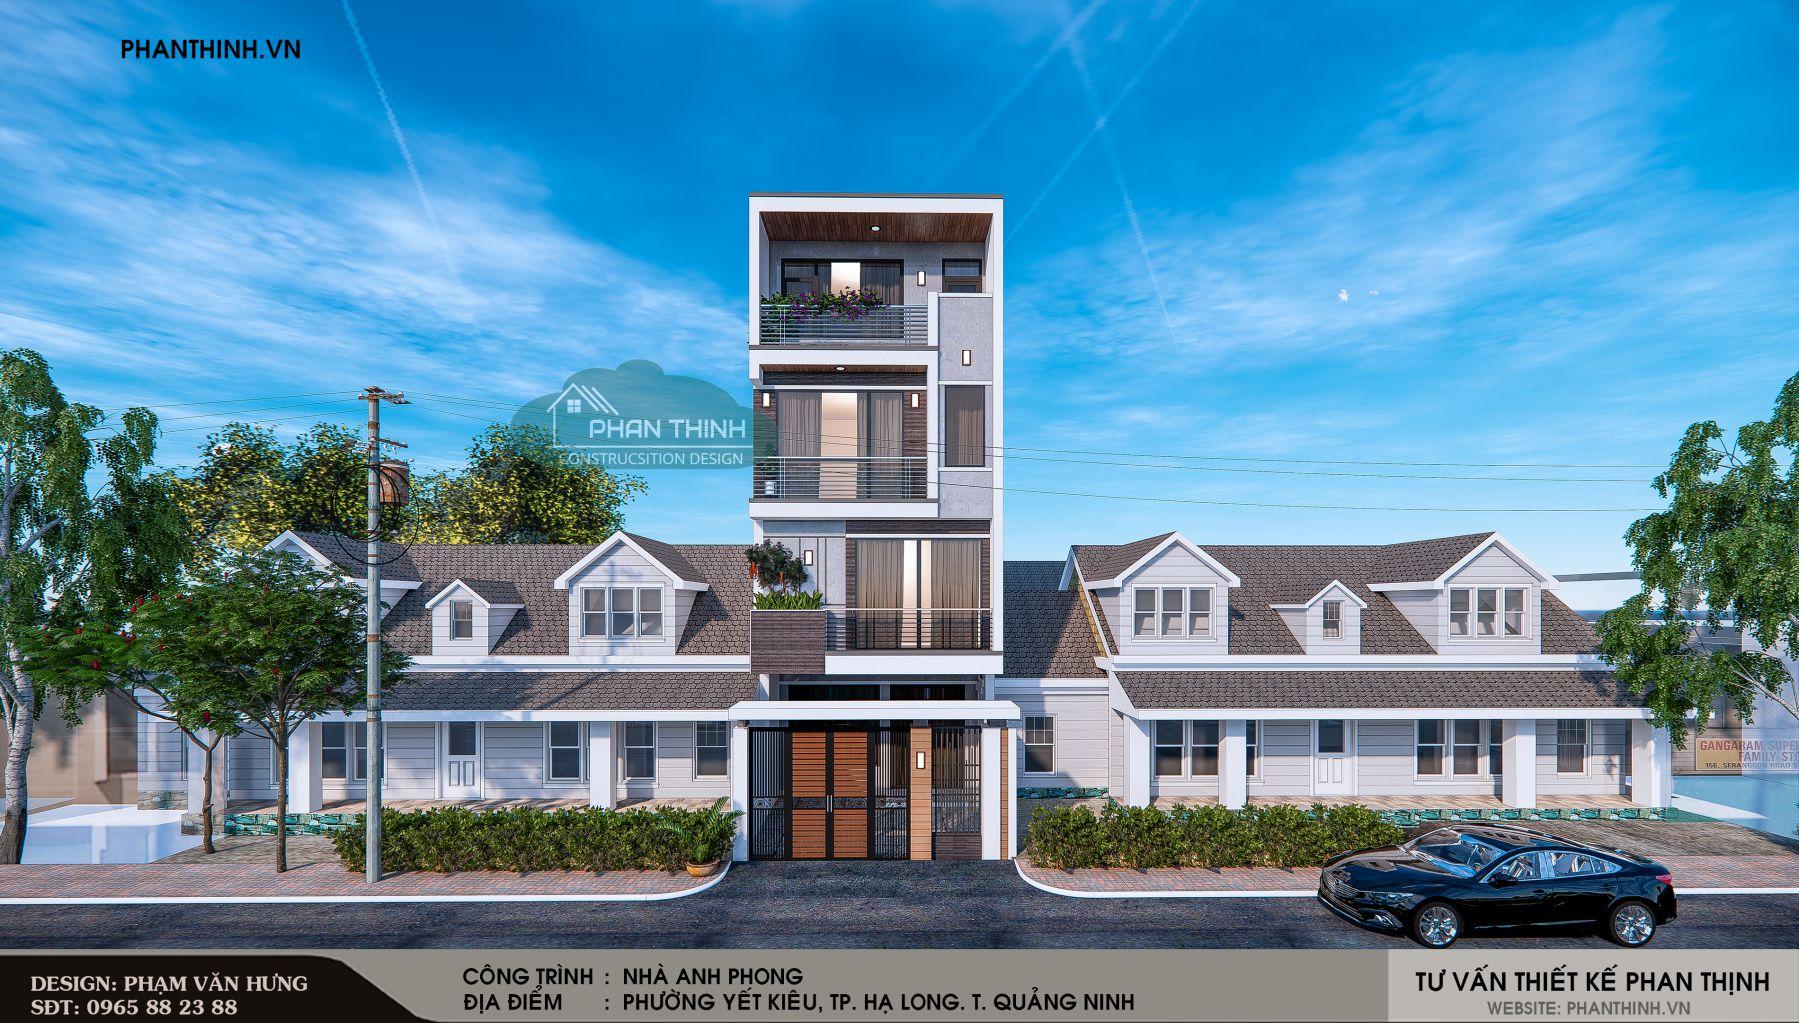 Thiết kế phối cảnh mặt tiền căn nhà phố 4 tầng đẹp tại phường Yết Kiêu tỉnh Quảng Ninh.